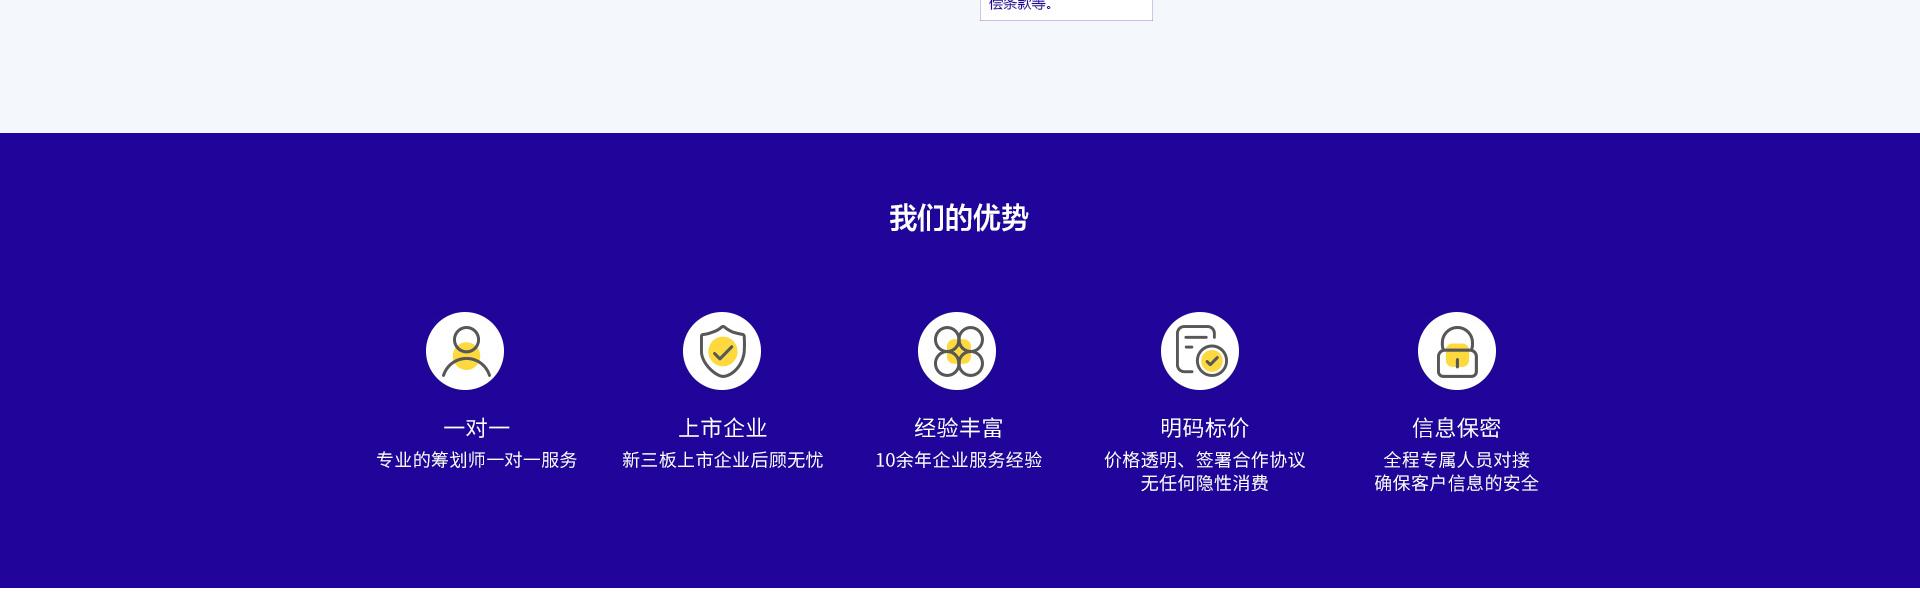 商品条形码-PC_10.jpg